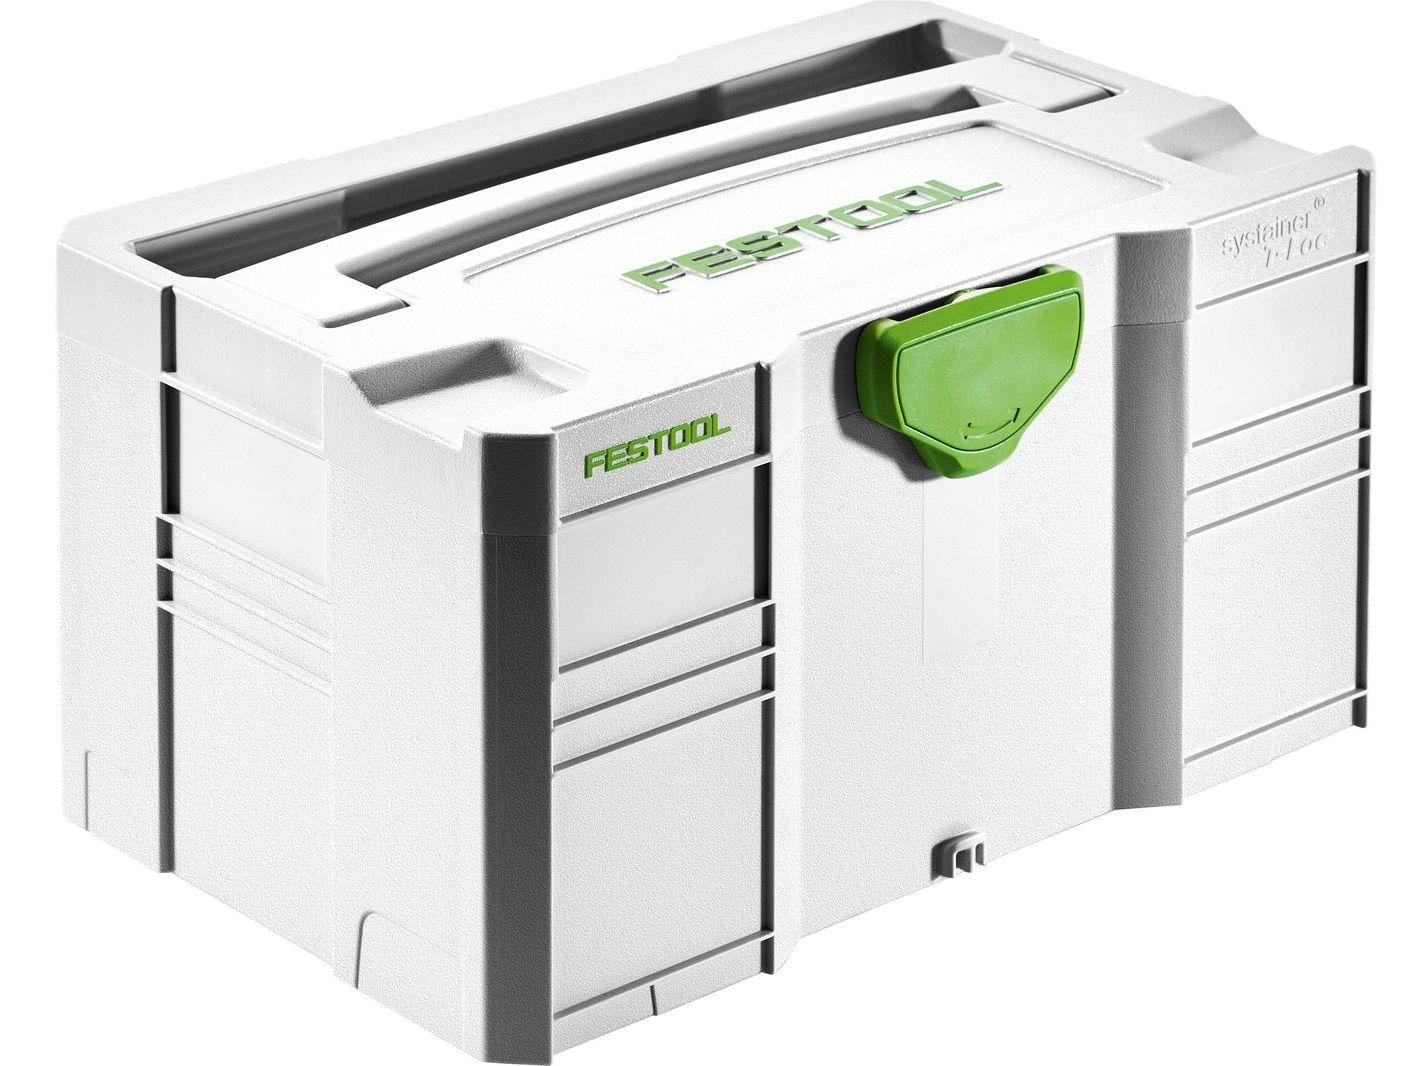 Festool MINI-SYSTAINER T-LOC SYS-MINI 3 TL Mini kufr Systainer pro přehledné uspořádání drobných dílů a ručního nářadí (202544)